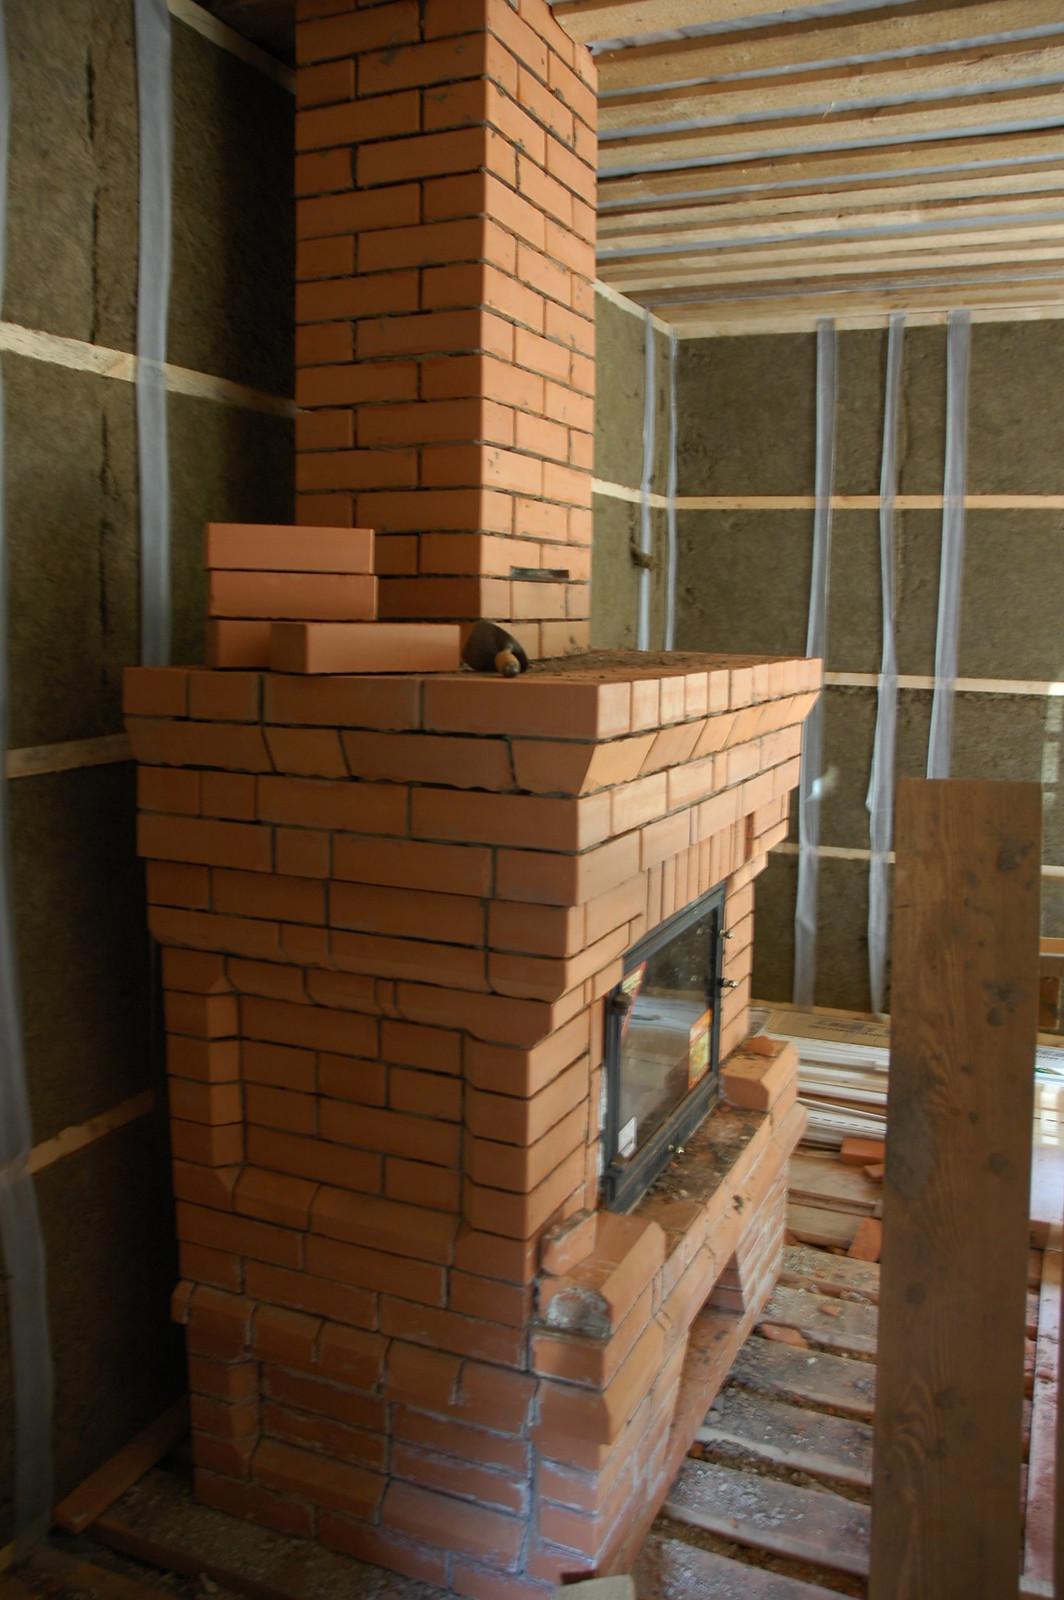 Вид камина и отделки стен по каркасной технологии дома из бруса